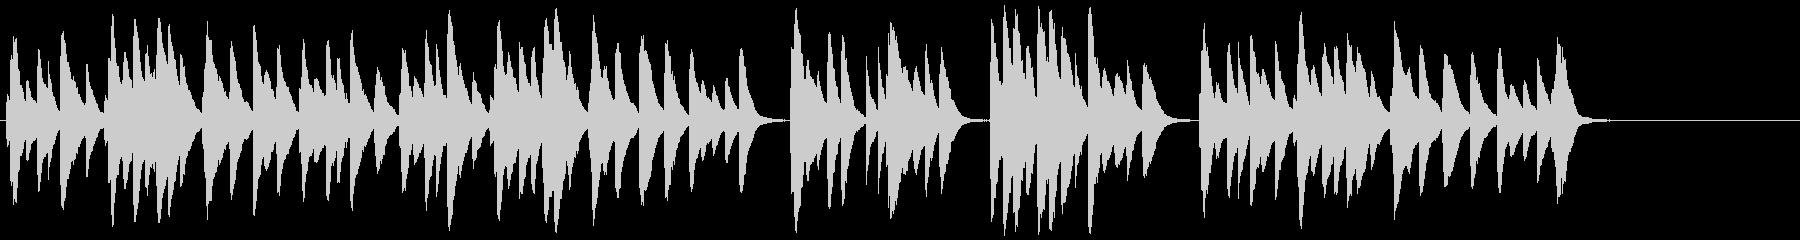 せつなくてノスタルジーなオルゴール音の未再生の波形